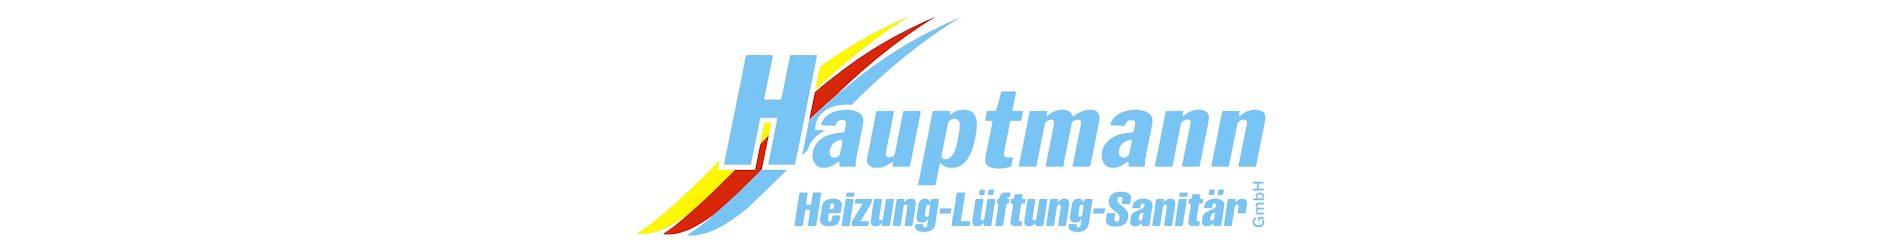 cropped-HauptmannBanner0002.jpg